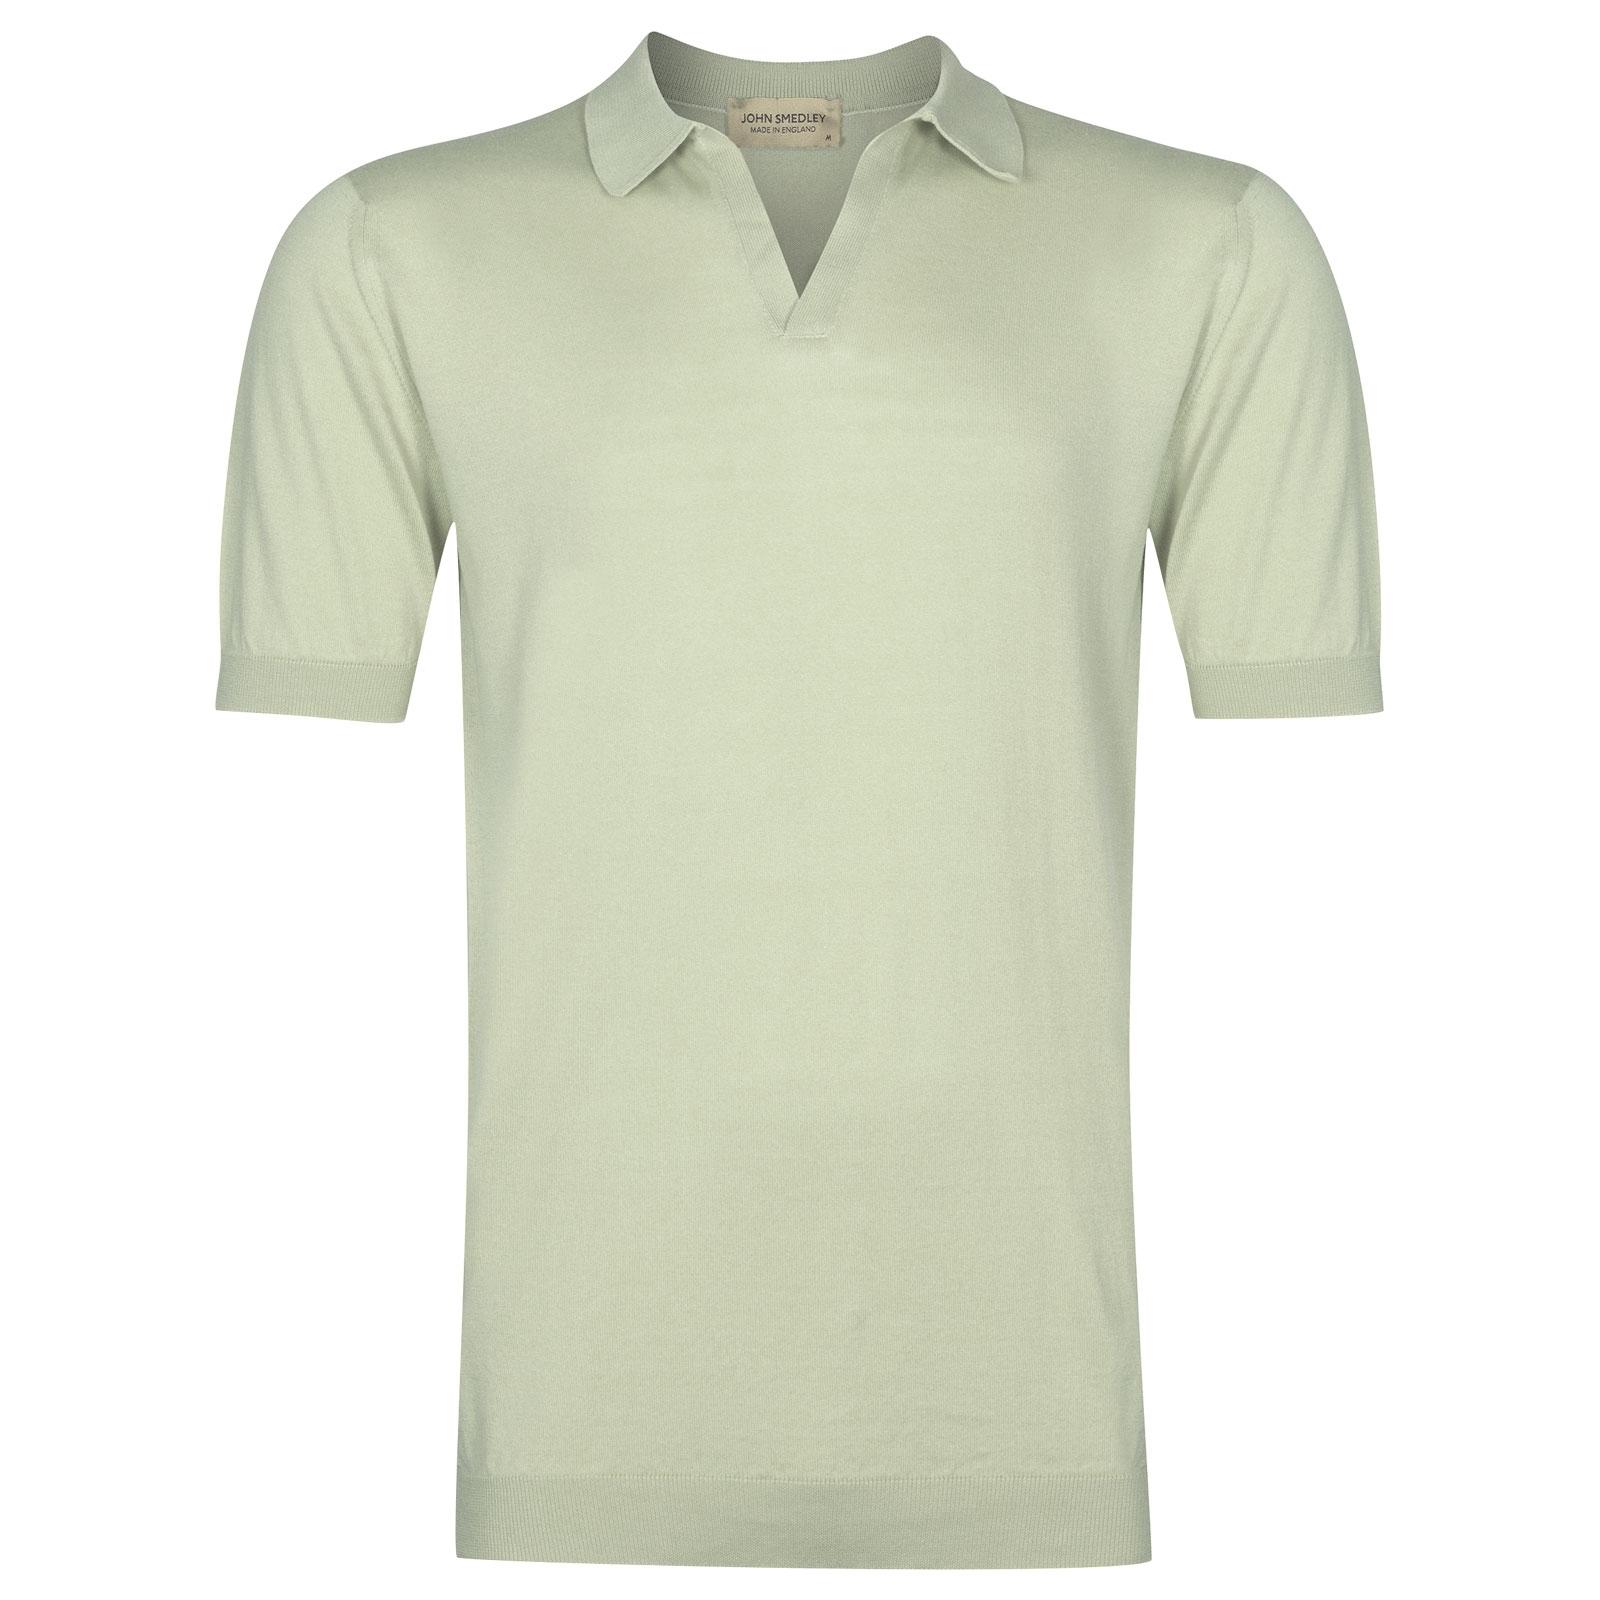 John Smedley Noah in Bud Green Shirt-XLG